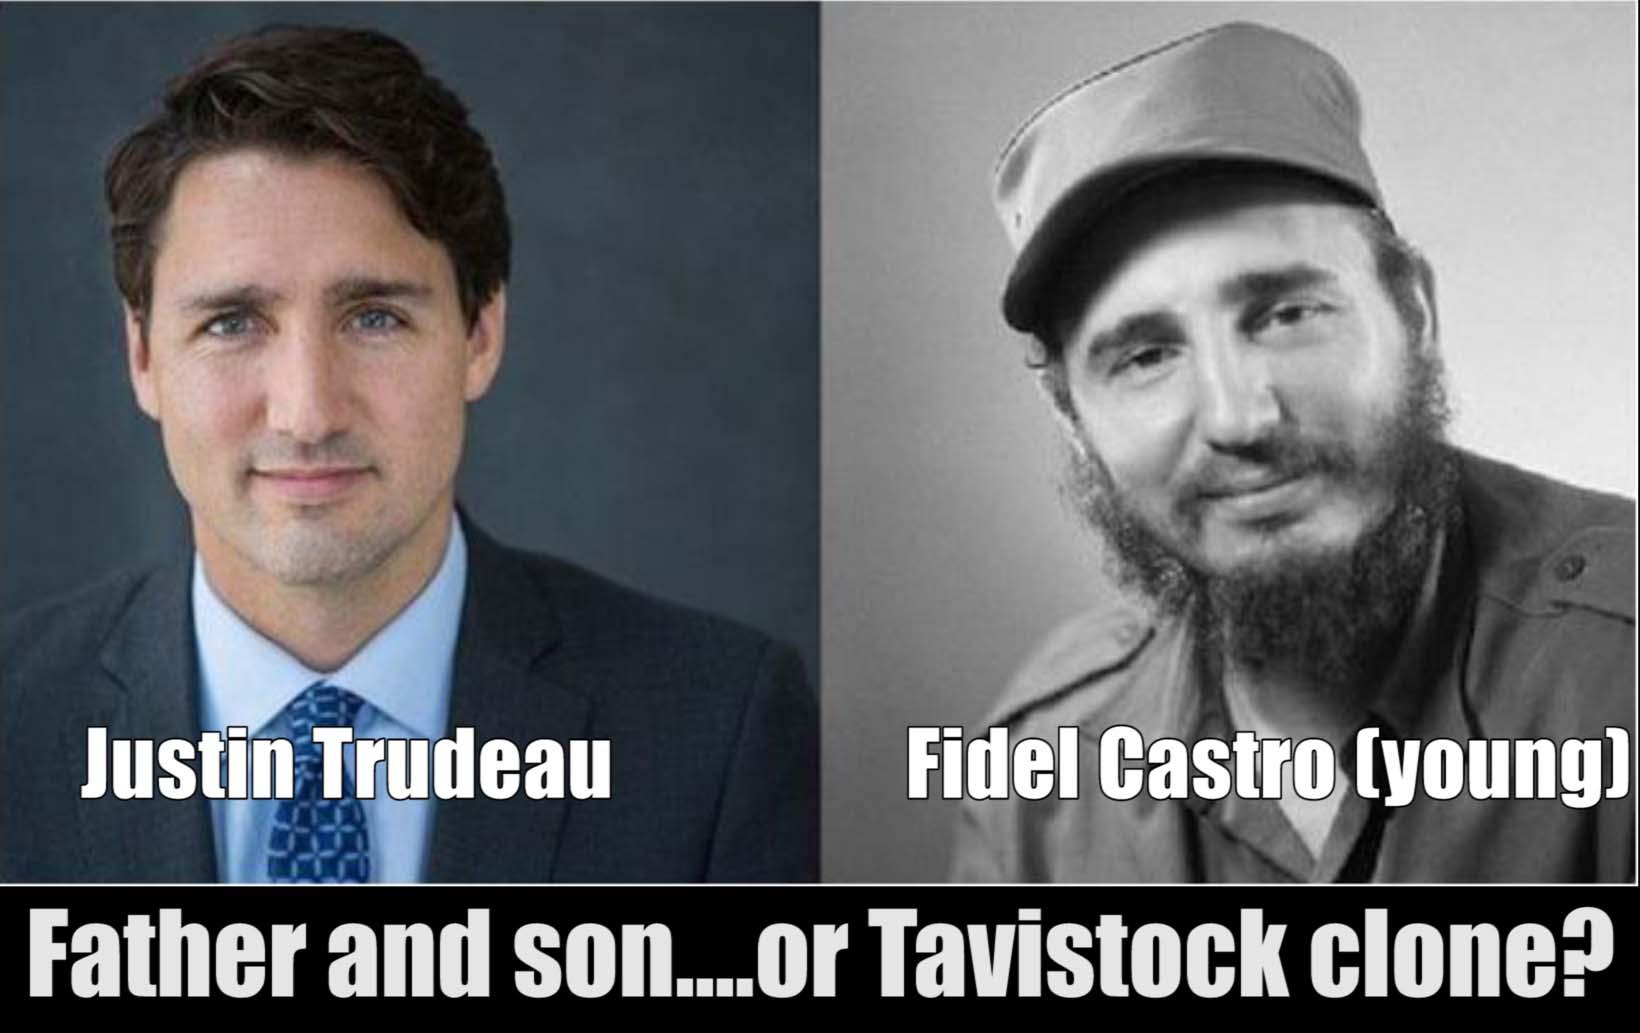 Trudeau-castro-clone